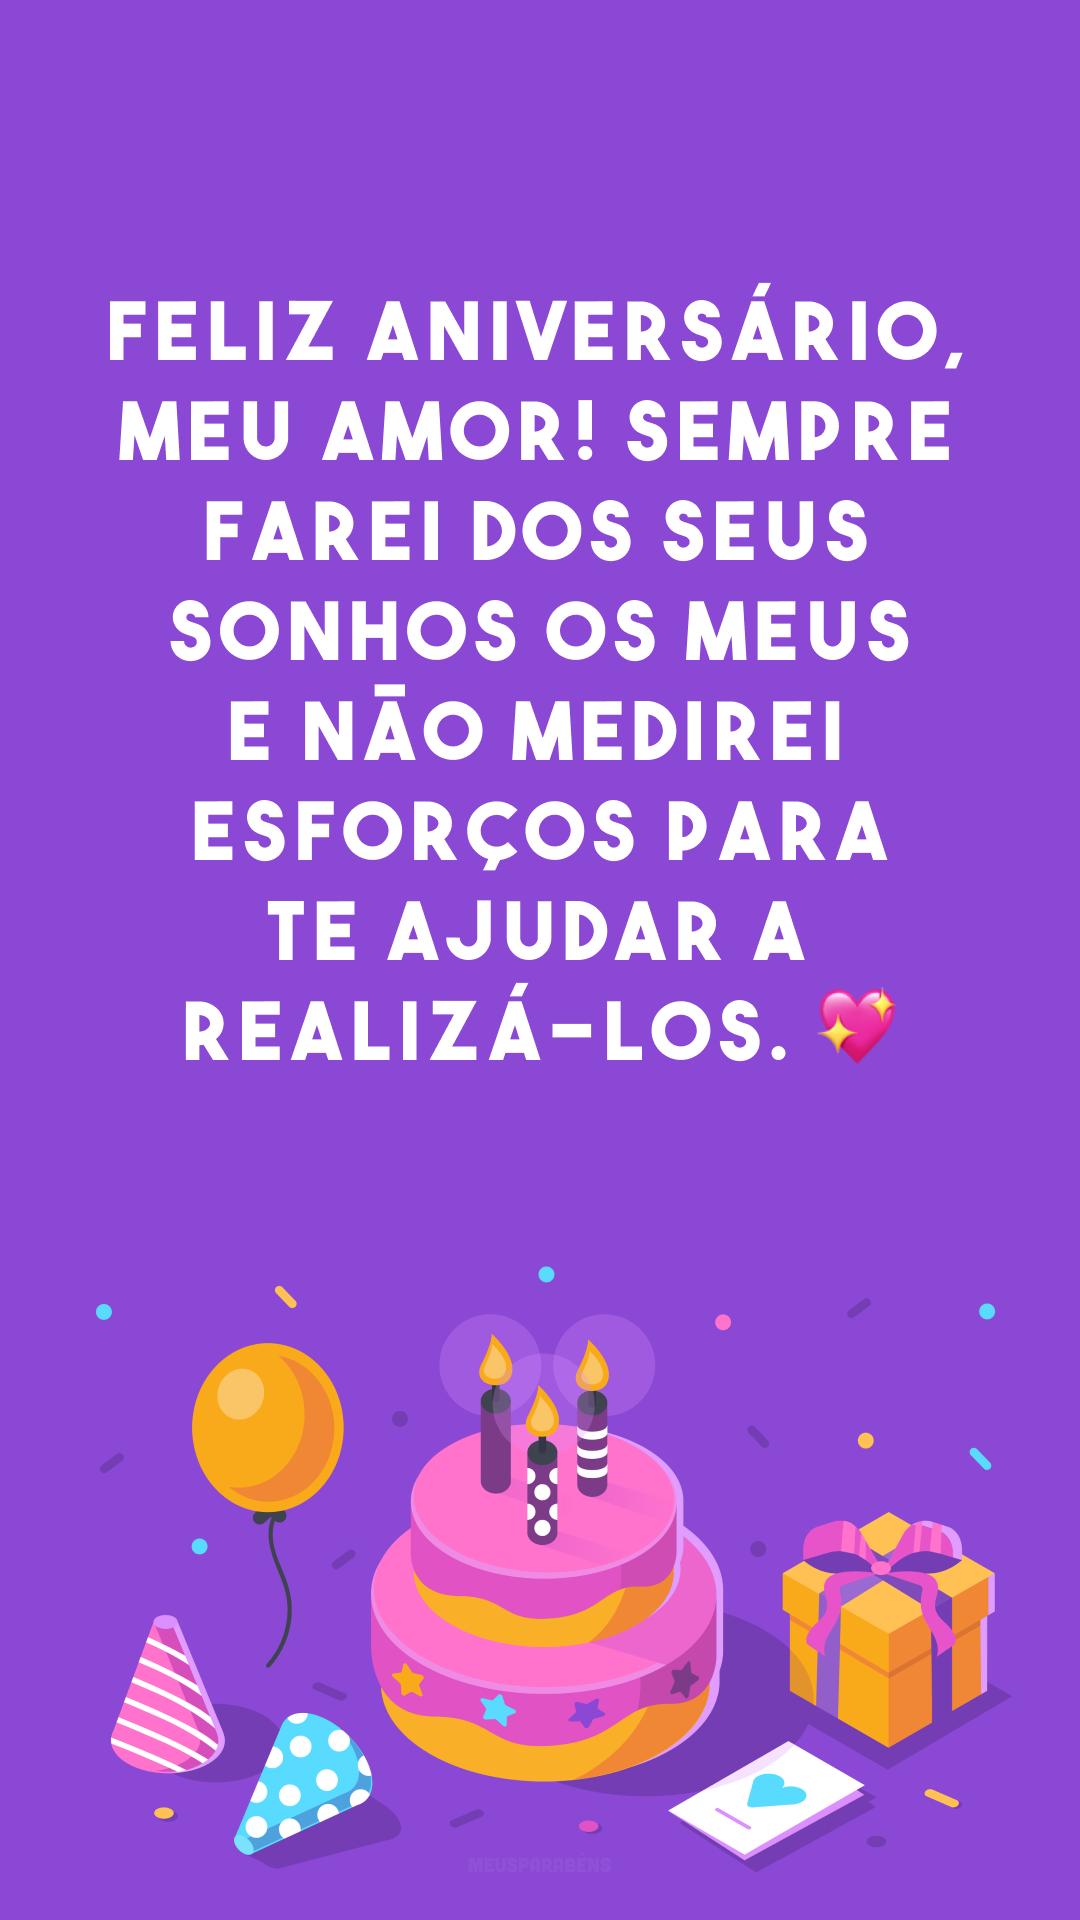 Feliz aniversário, meu amor! Sempre farei dos seus sonhos os meus e não medirei esforços para te ajudar a realizá-los. 💖<br />